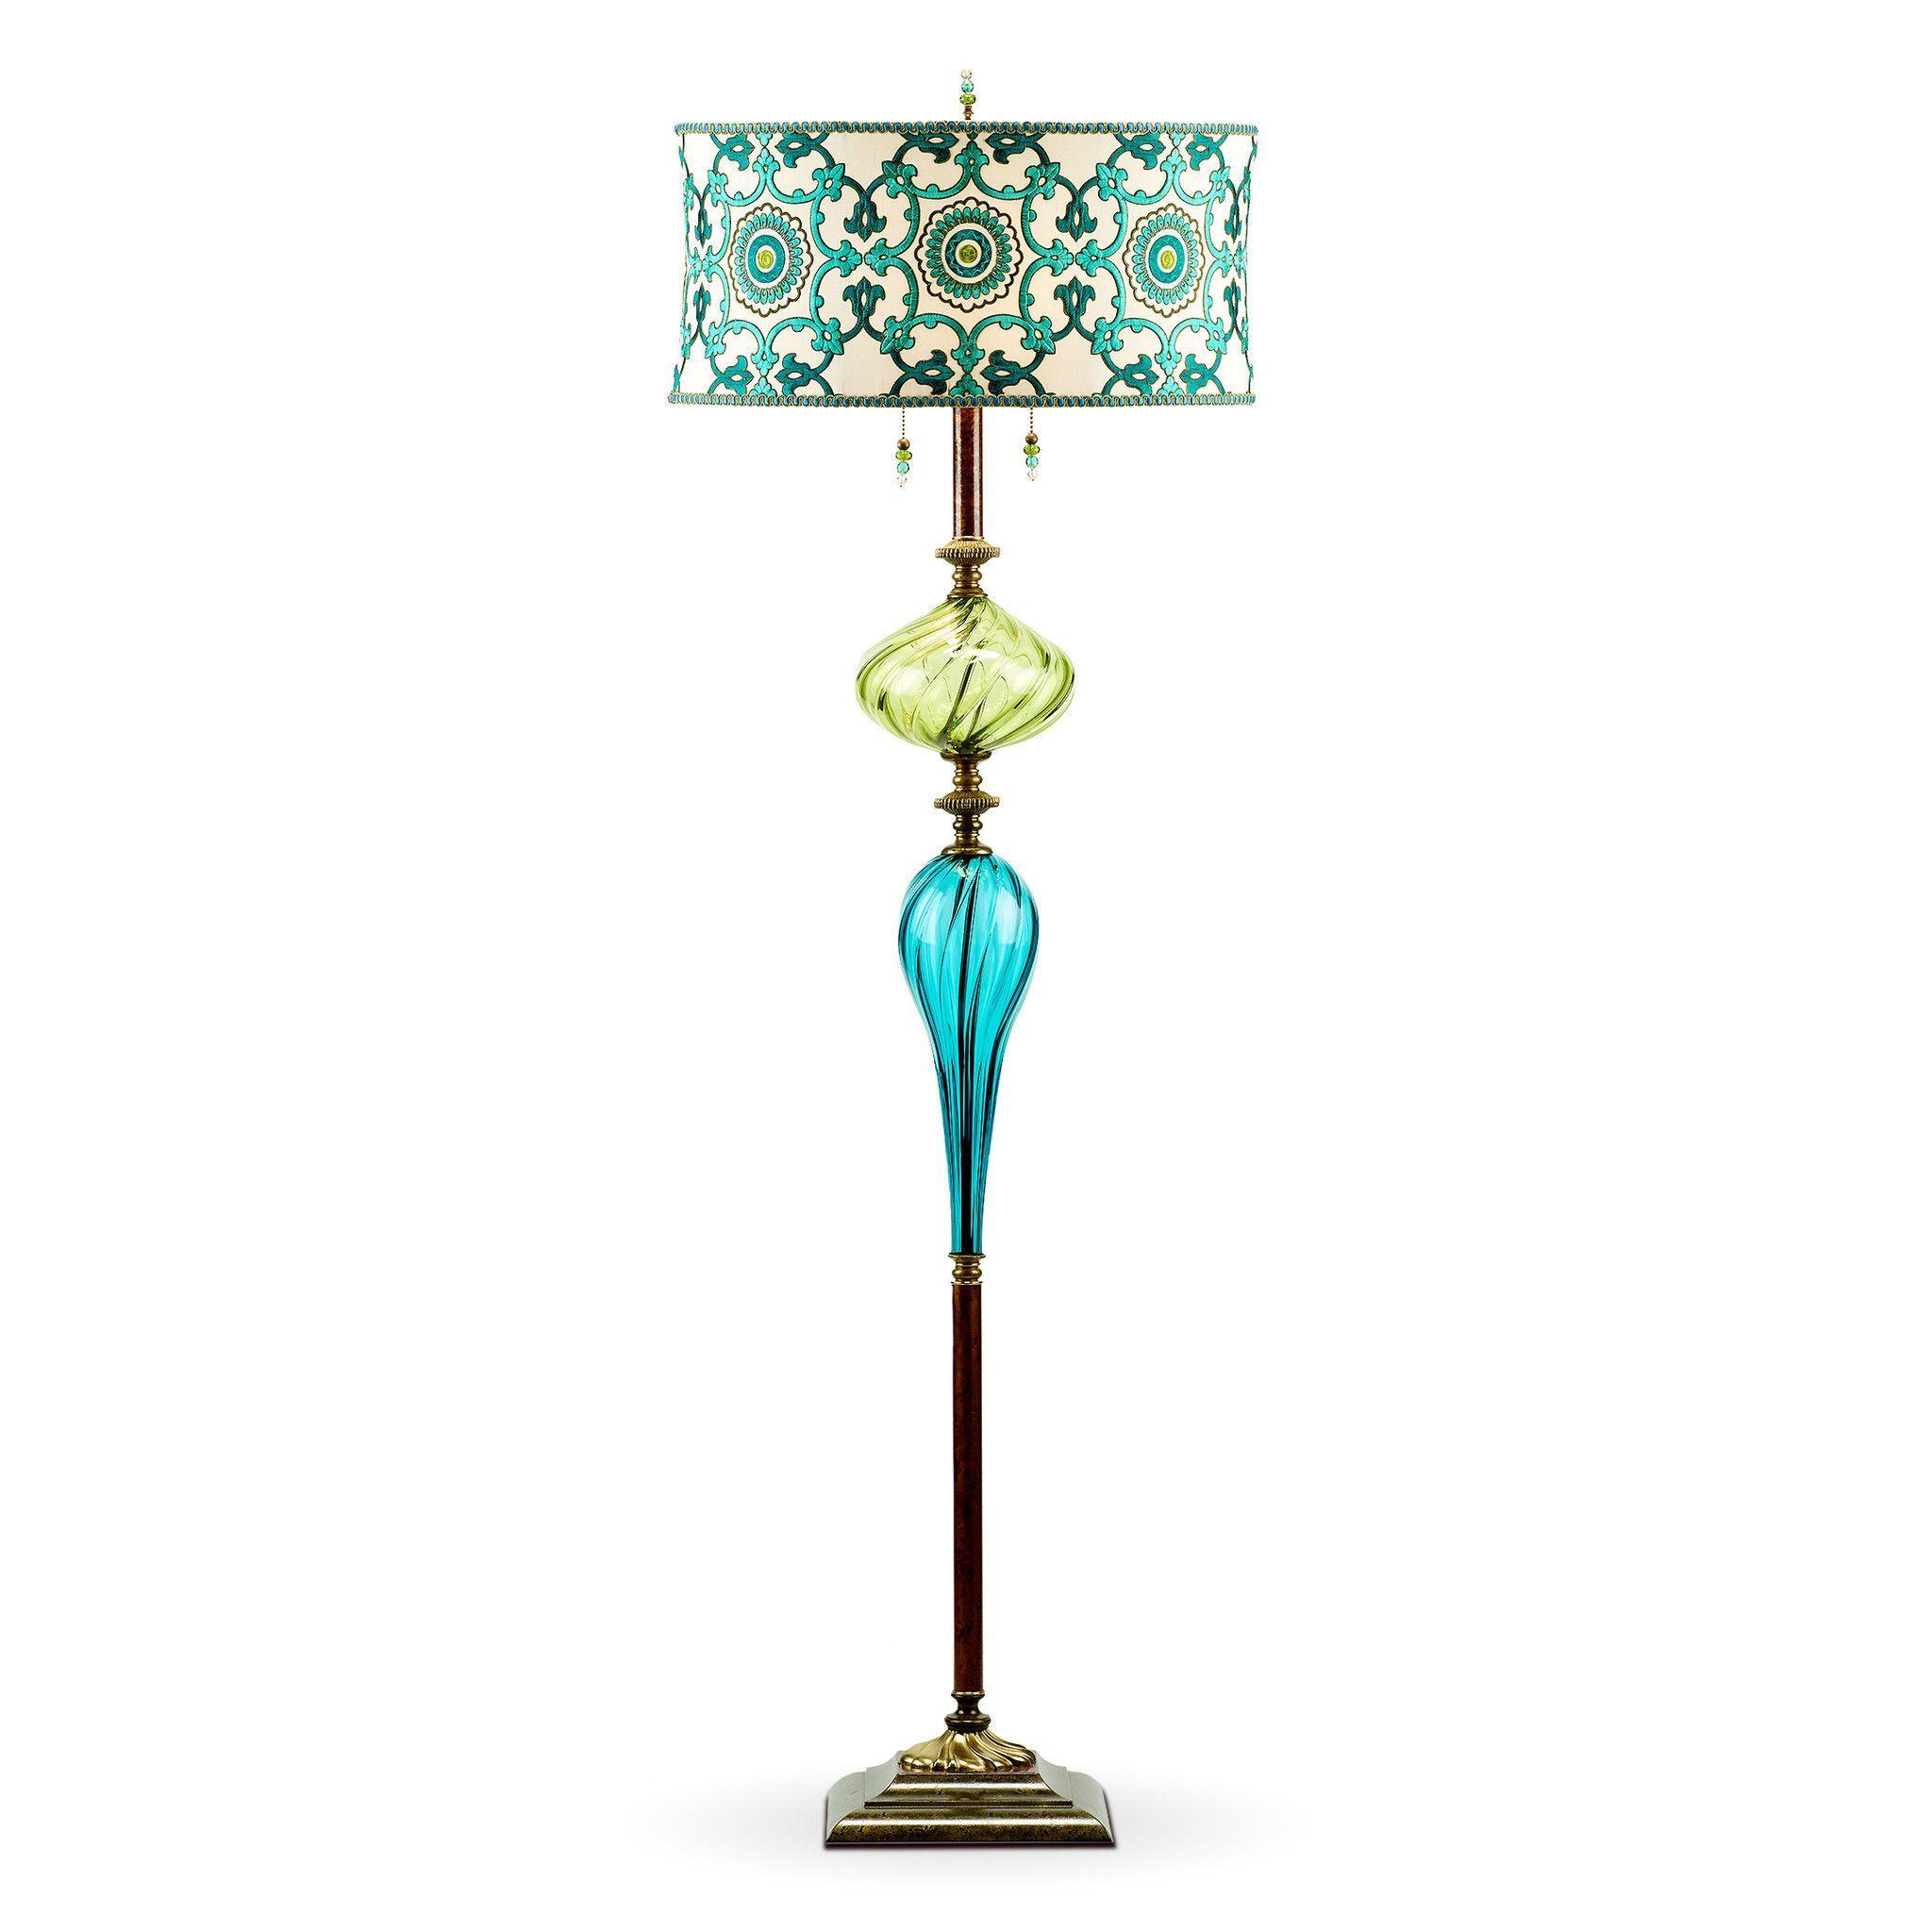 Ed floor lamp f141ag177 by kinzig design blown glass floor lamp ed floor lamp f141ag177 by kinzig design hand blown glassdesigner aloadofball Gallery